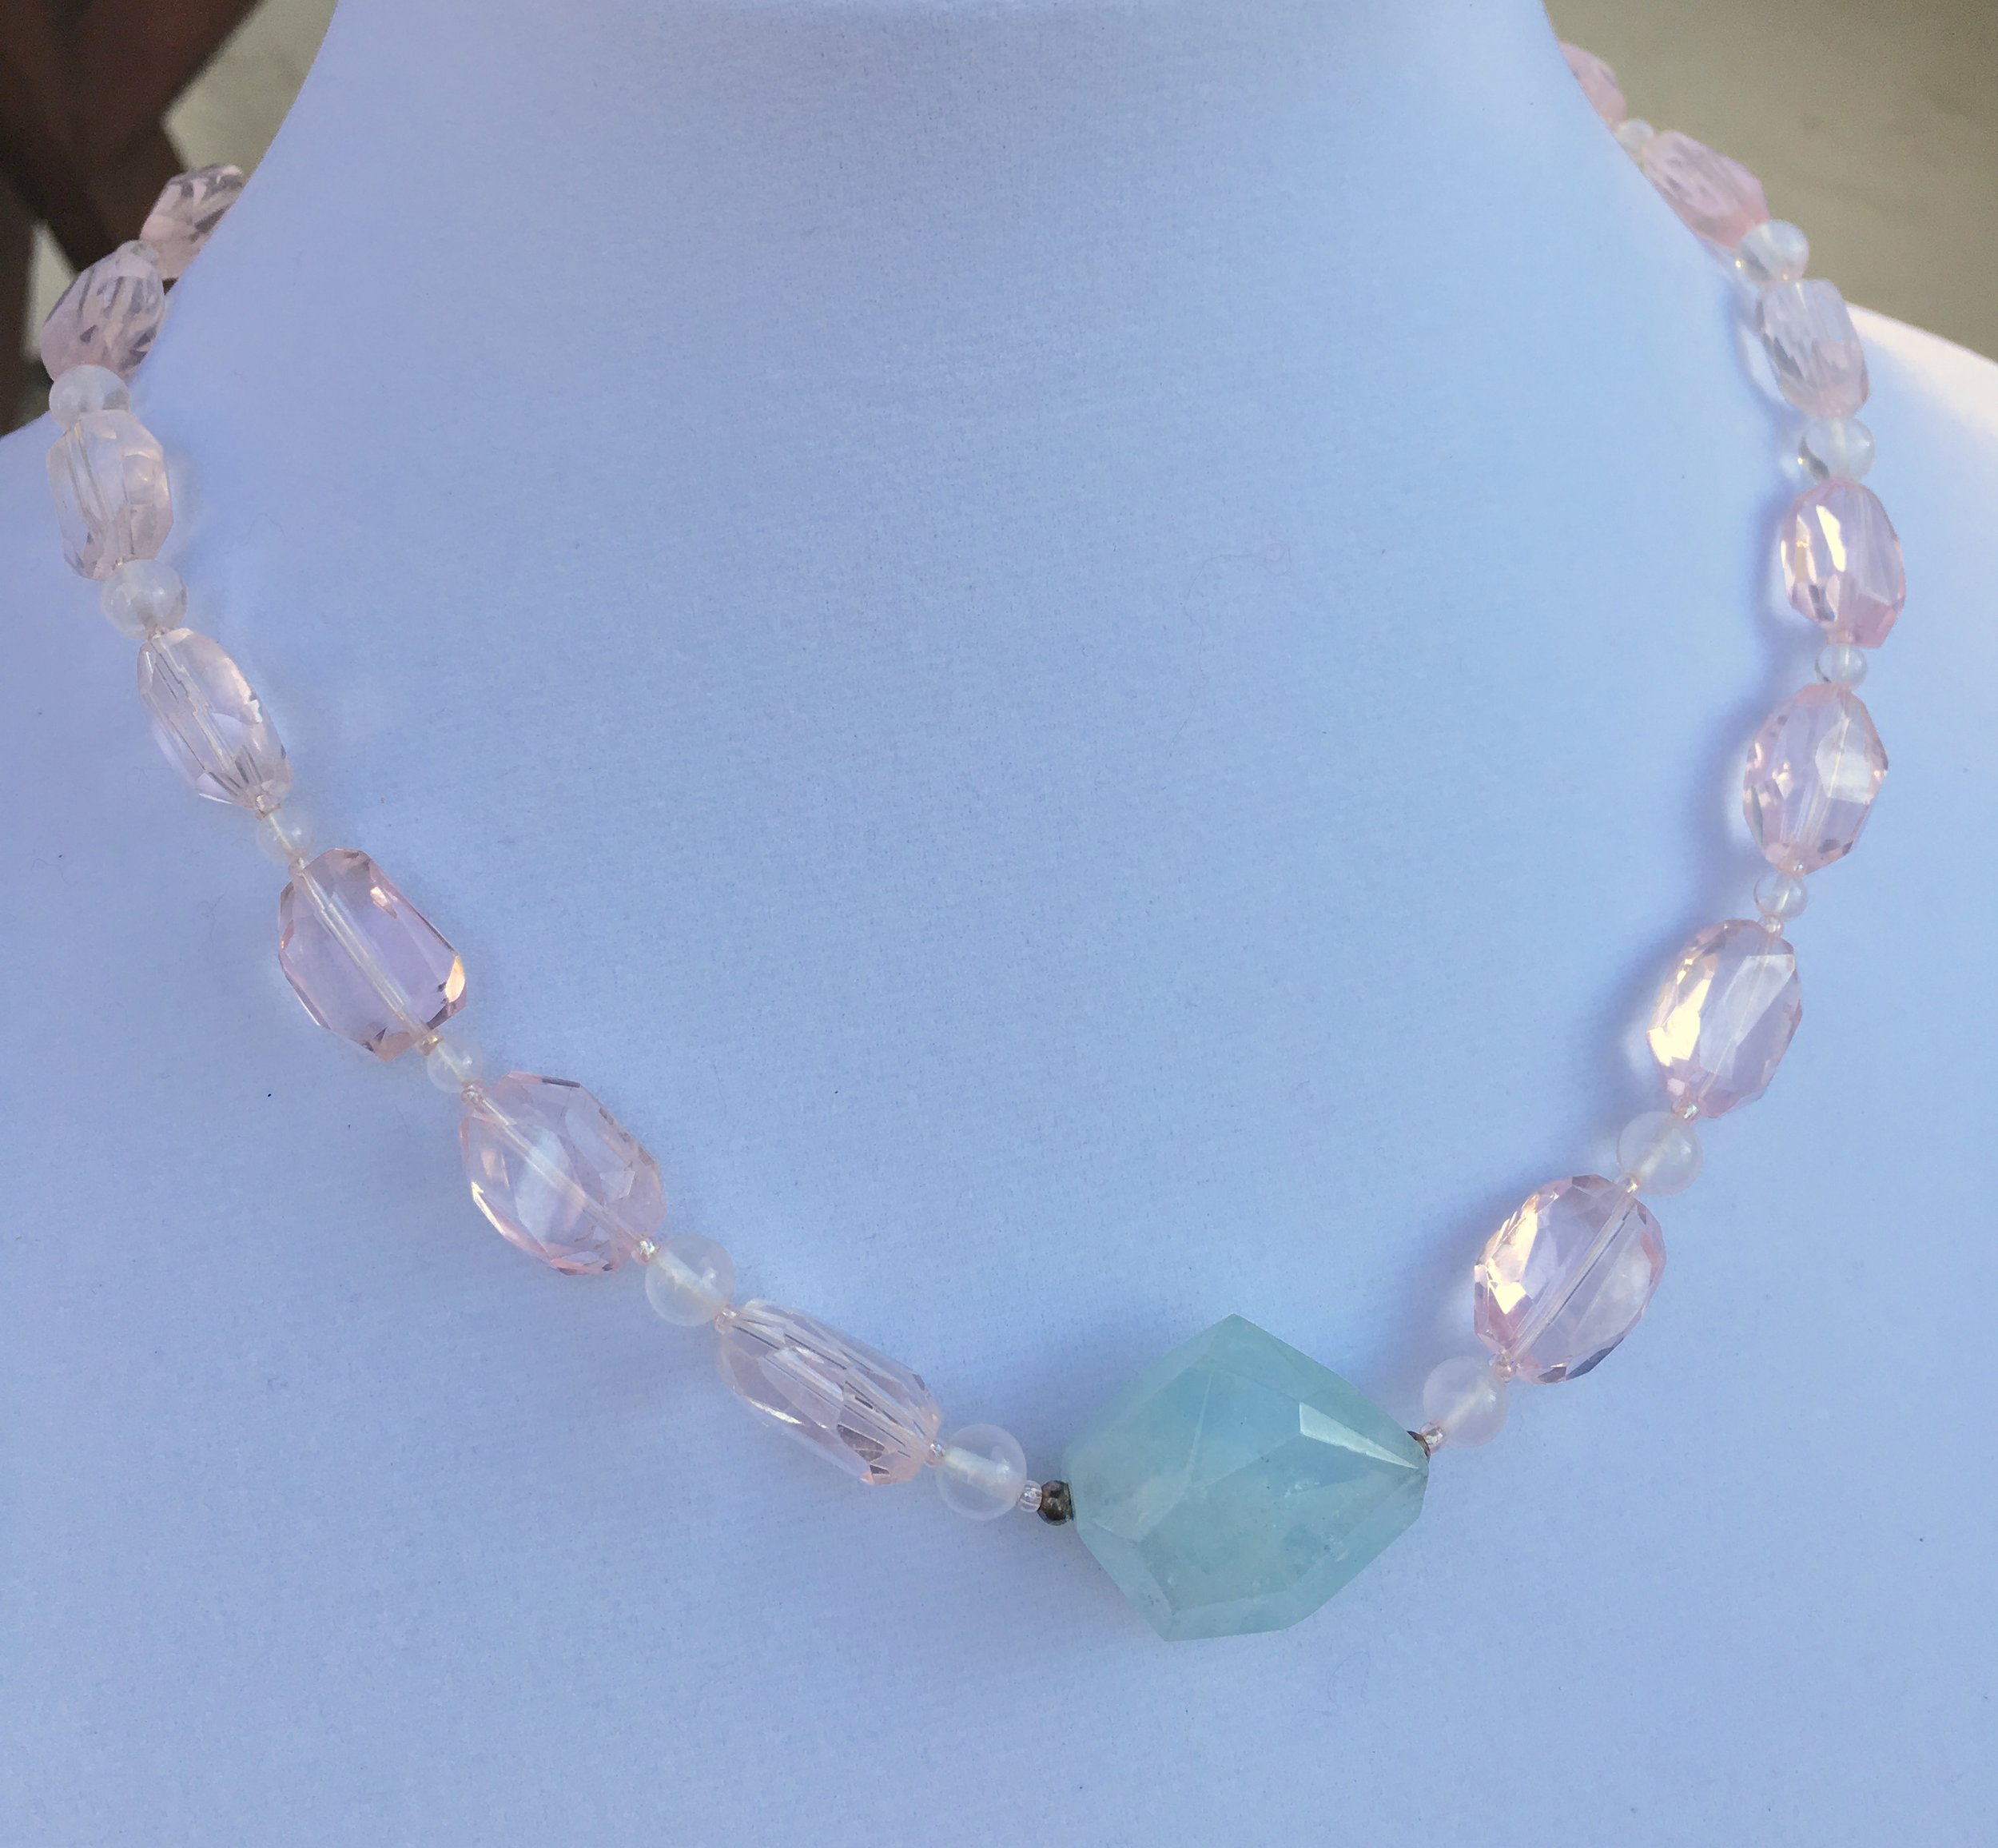 Aquamarine & Rose Quartz Pendant  23 x 25 mm chunky faceted center aquamarine stone,16 x 12 mm faceted Rose Quartz beads, round Rose Quartz beads. Sterling silver clasp. 19 in. $225